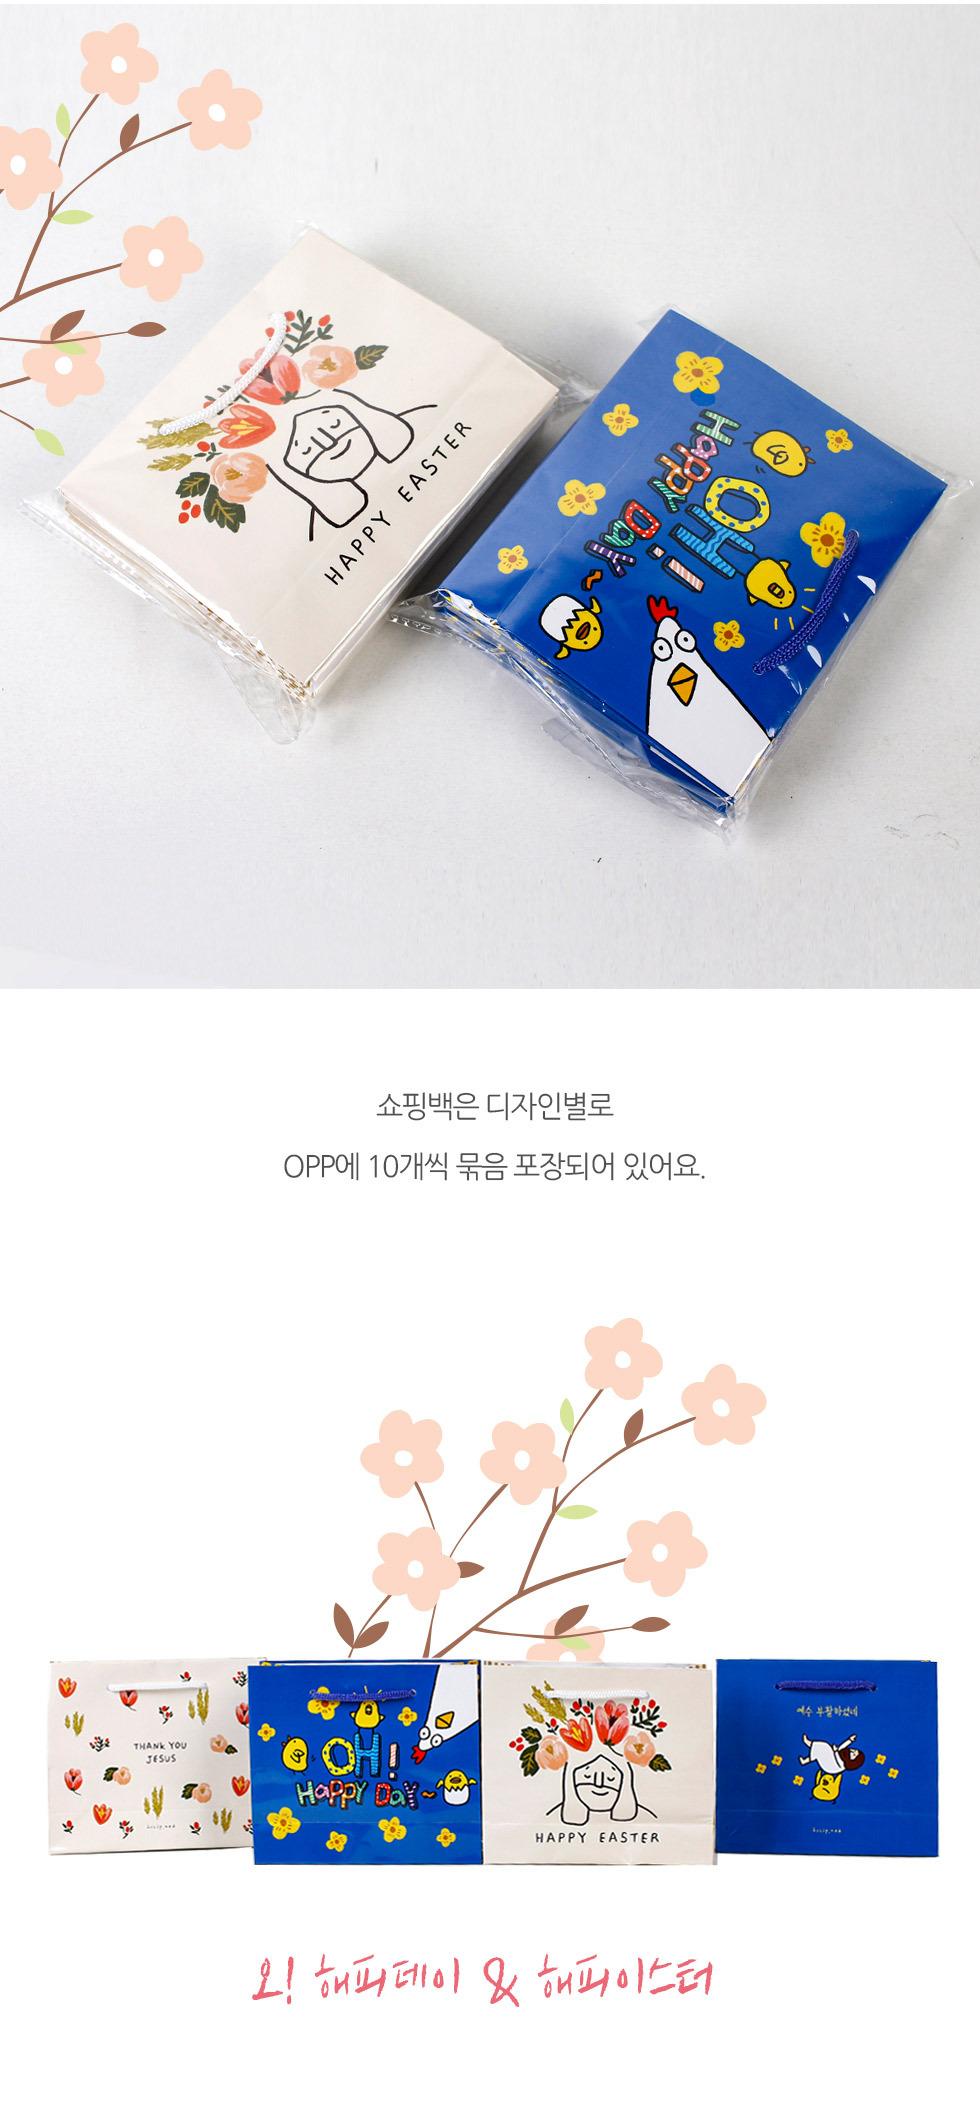 부활절 쇼핑백(small) 오해피데이 & 해피이스터 10개 1세트